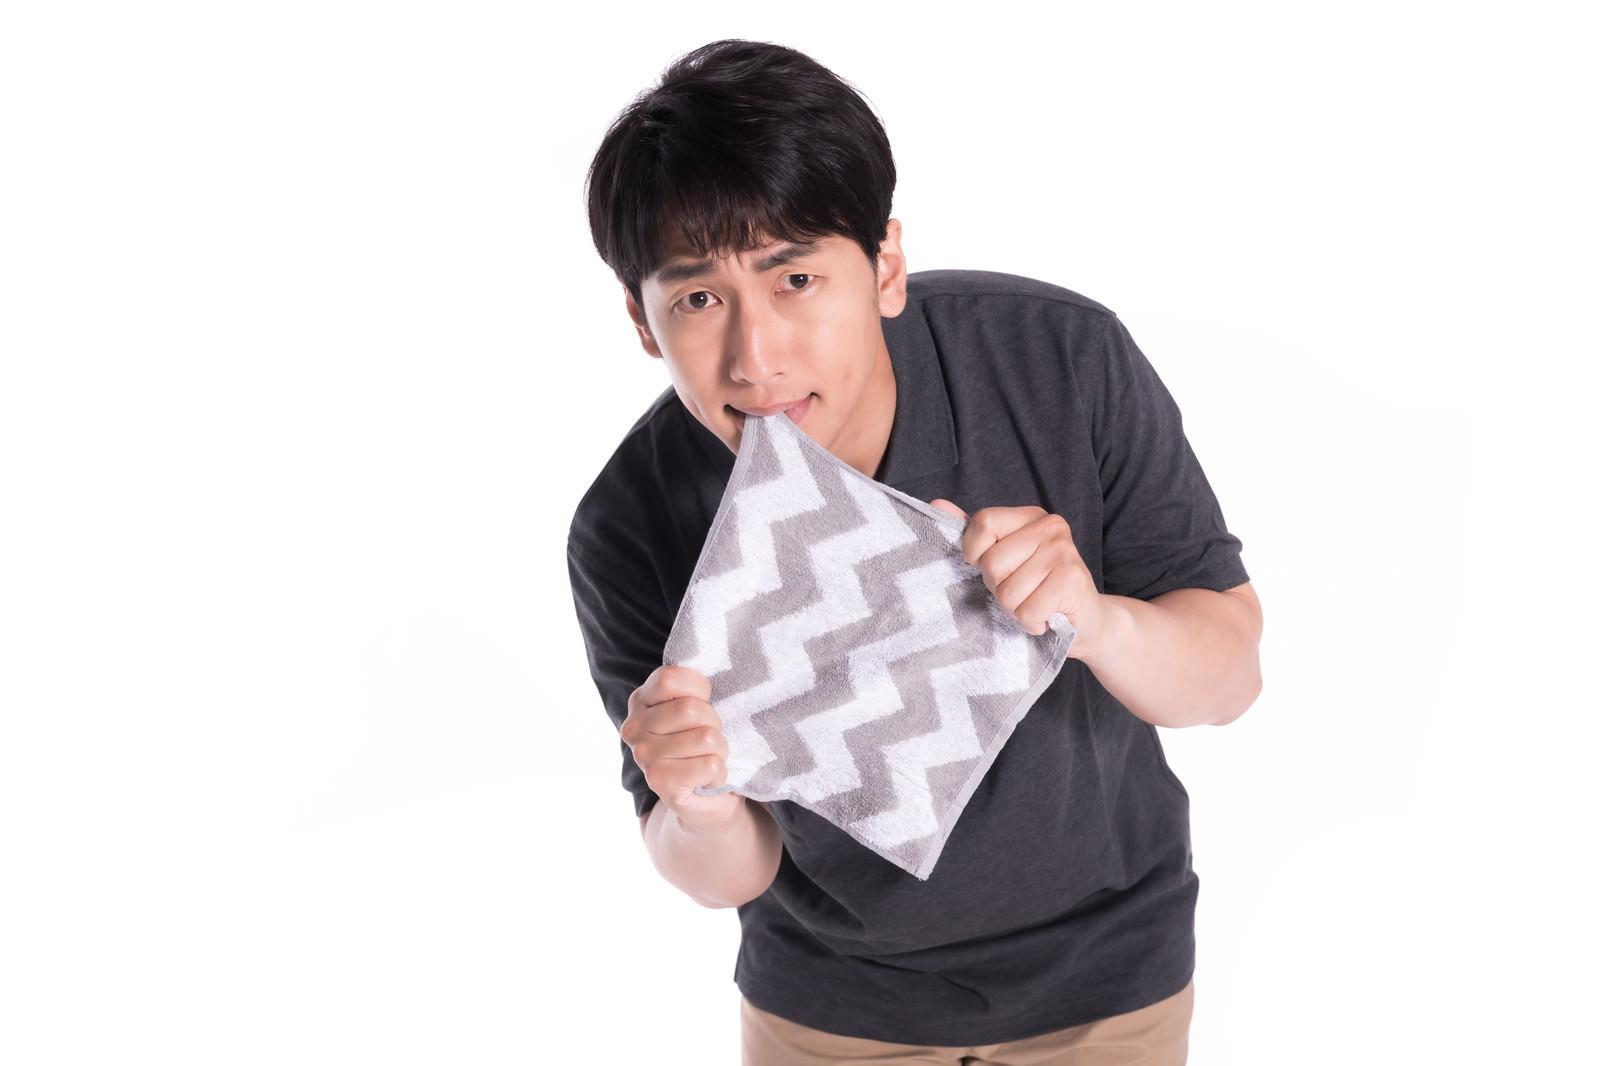 「口と手でハンカチを引っ張る男性」の写真[モデル:大川竜弥]